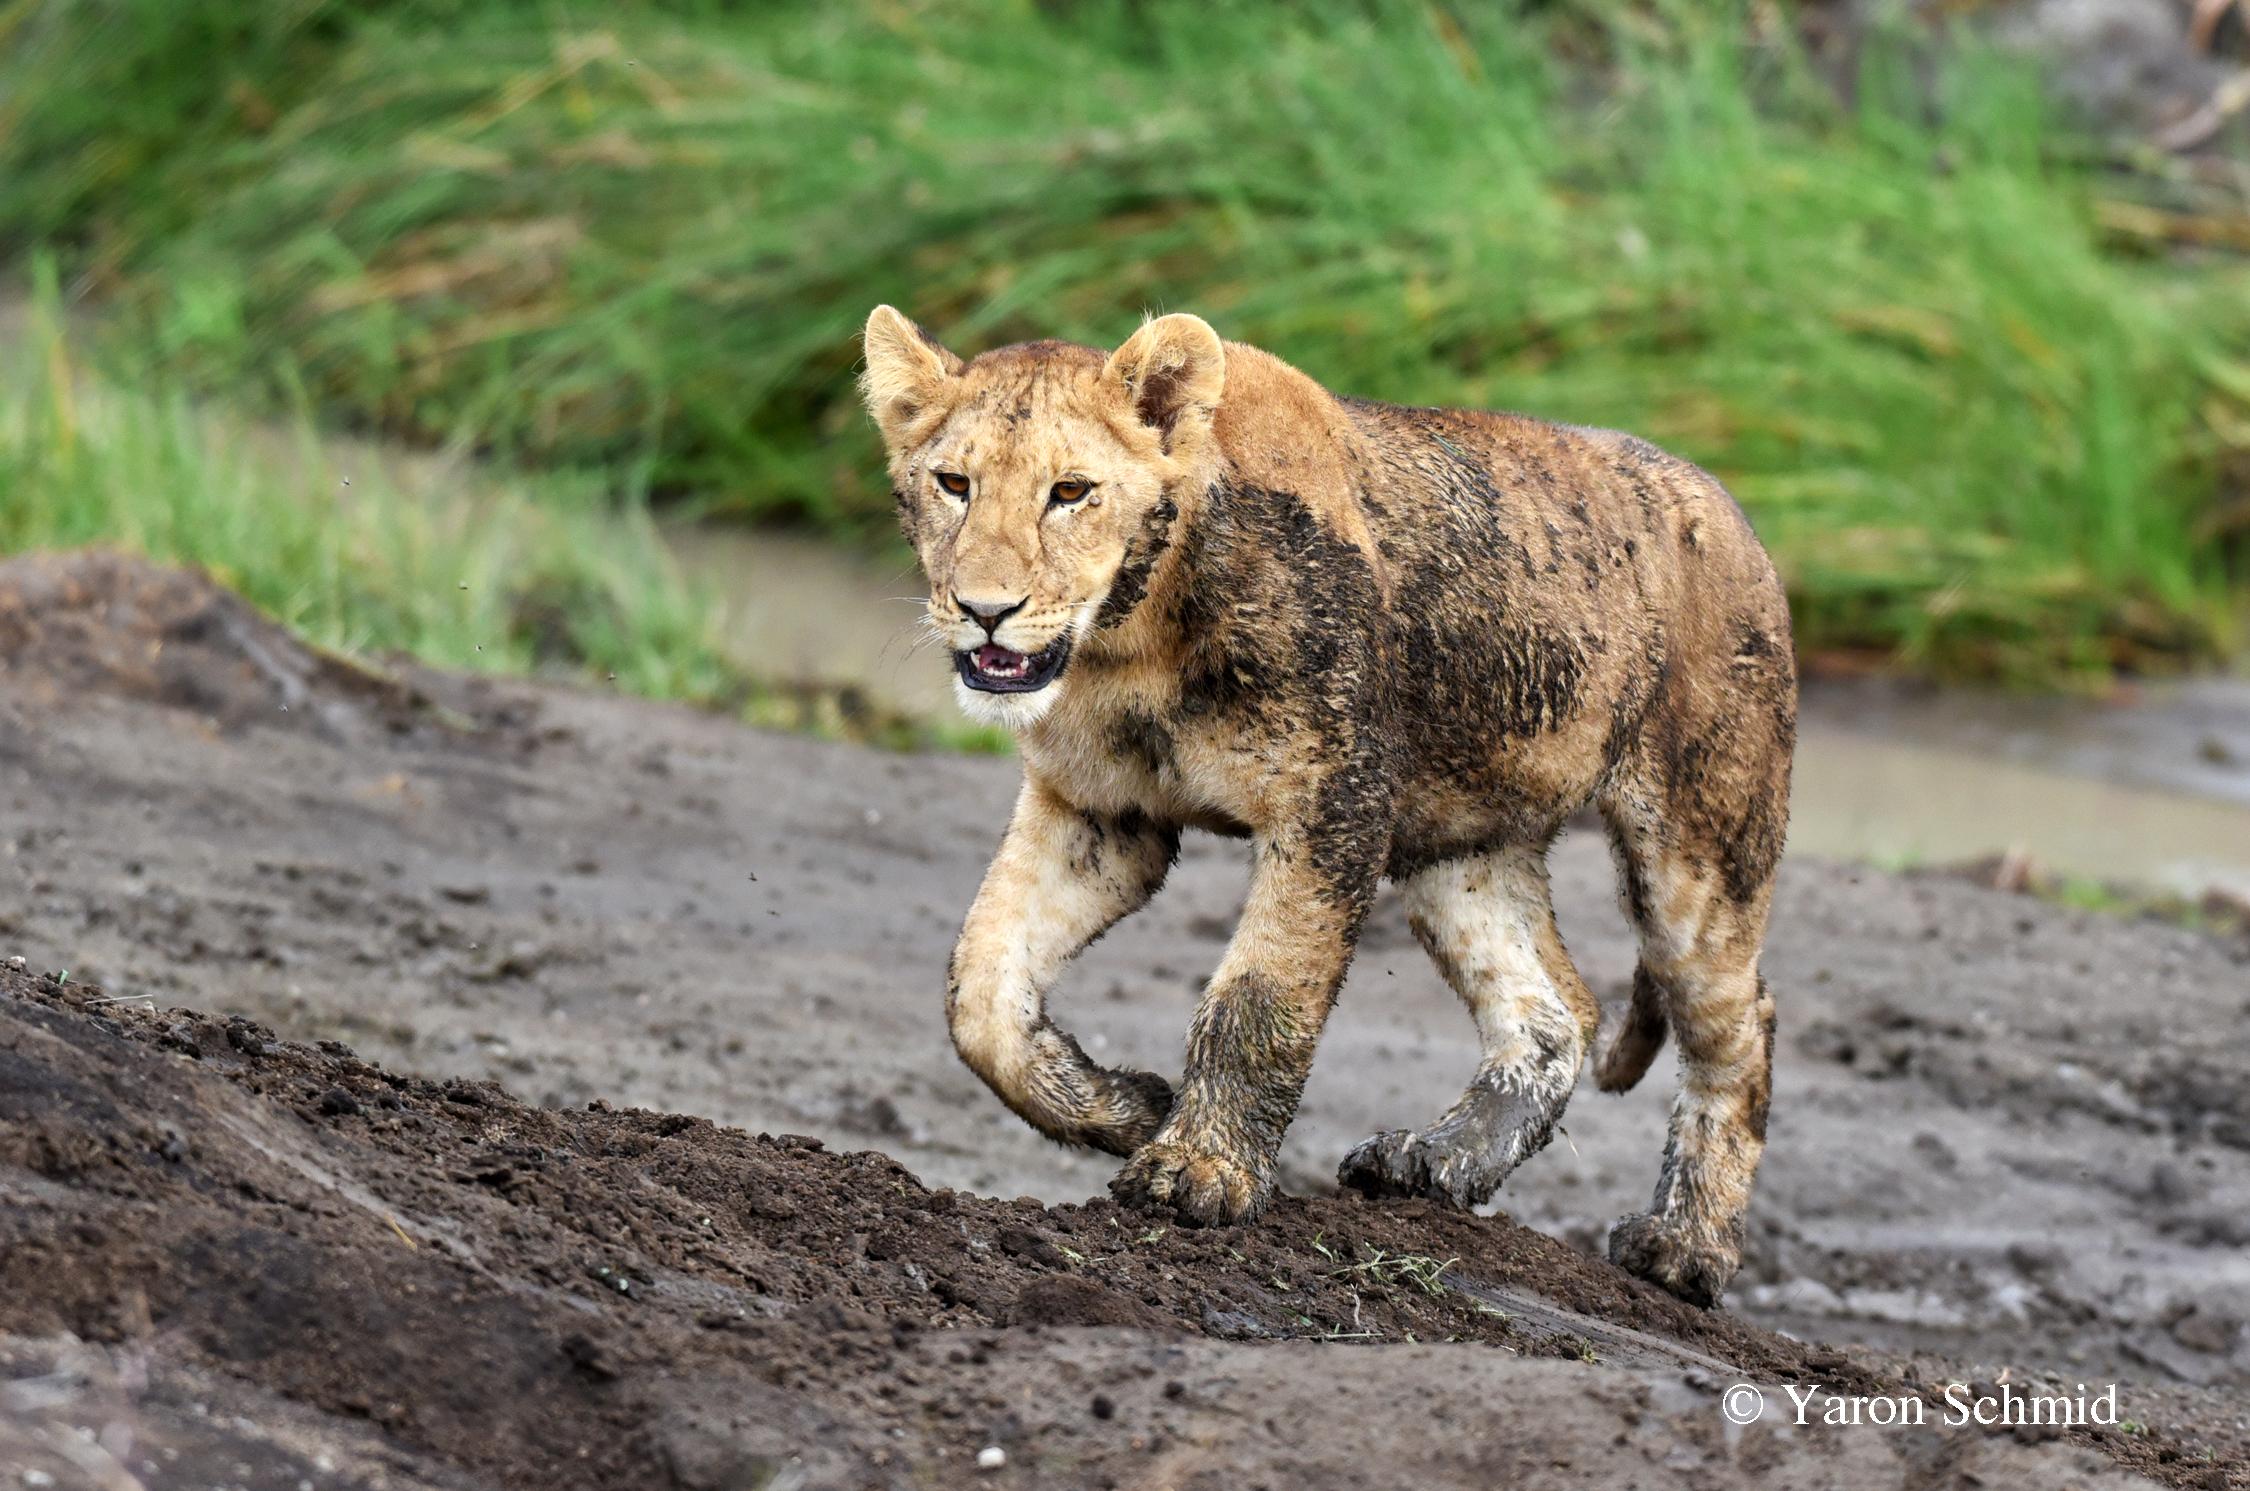 Muddy Cub